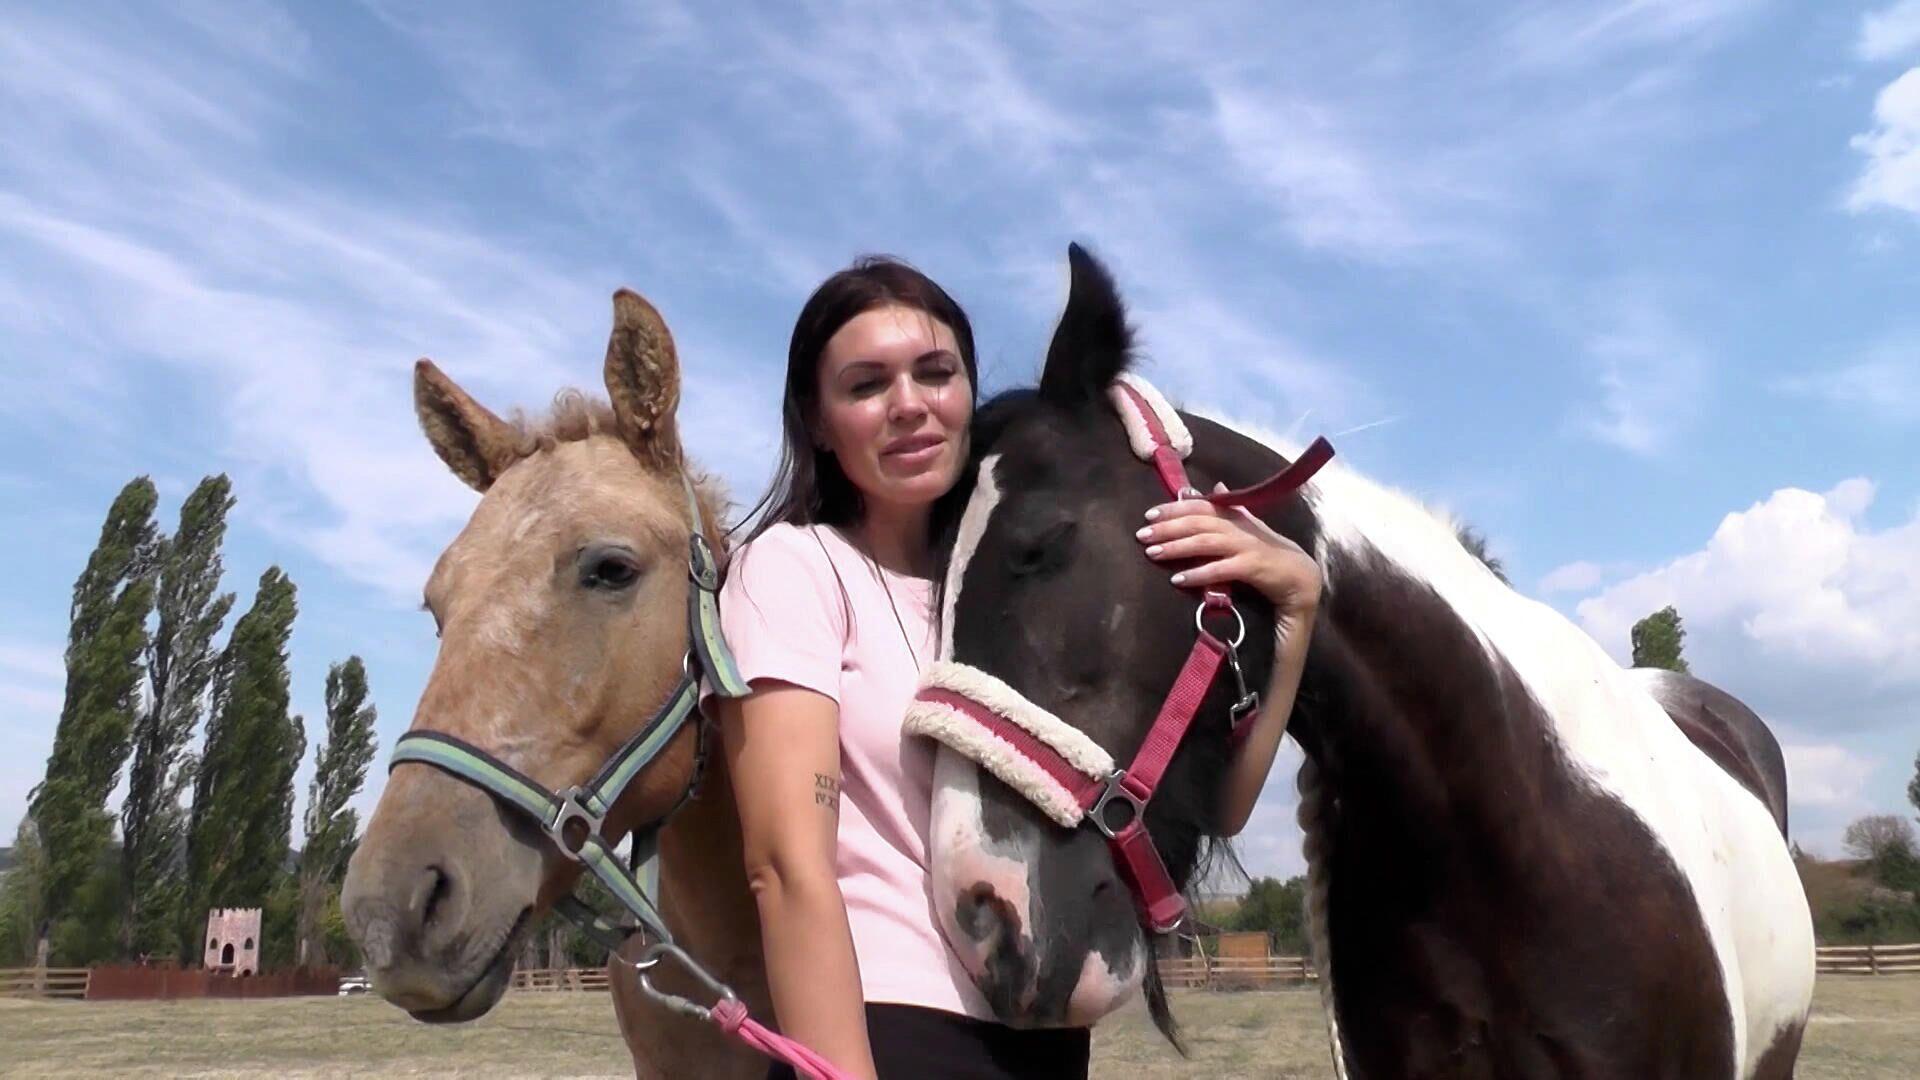 Νεαρή από τη Ρωσία άνοιξε ράντσο και διασώζει άλογα και καμήλες που προορίζονταν για σφαγή - Sputnik Ελλάδα, 1920, 28.09.2021